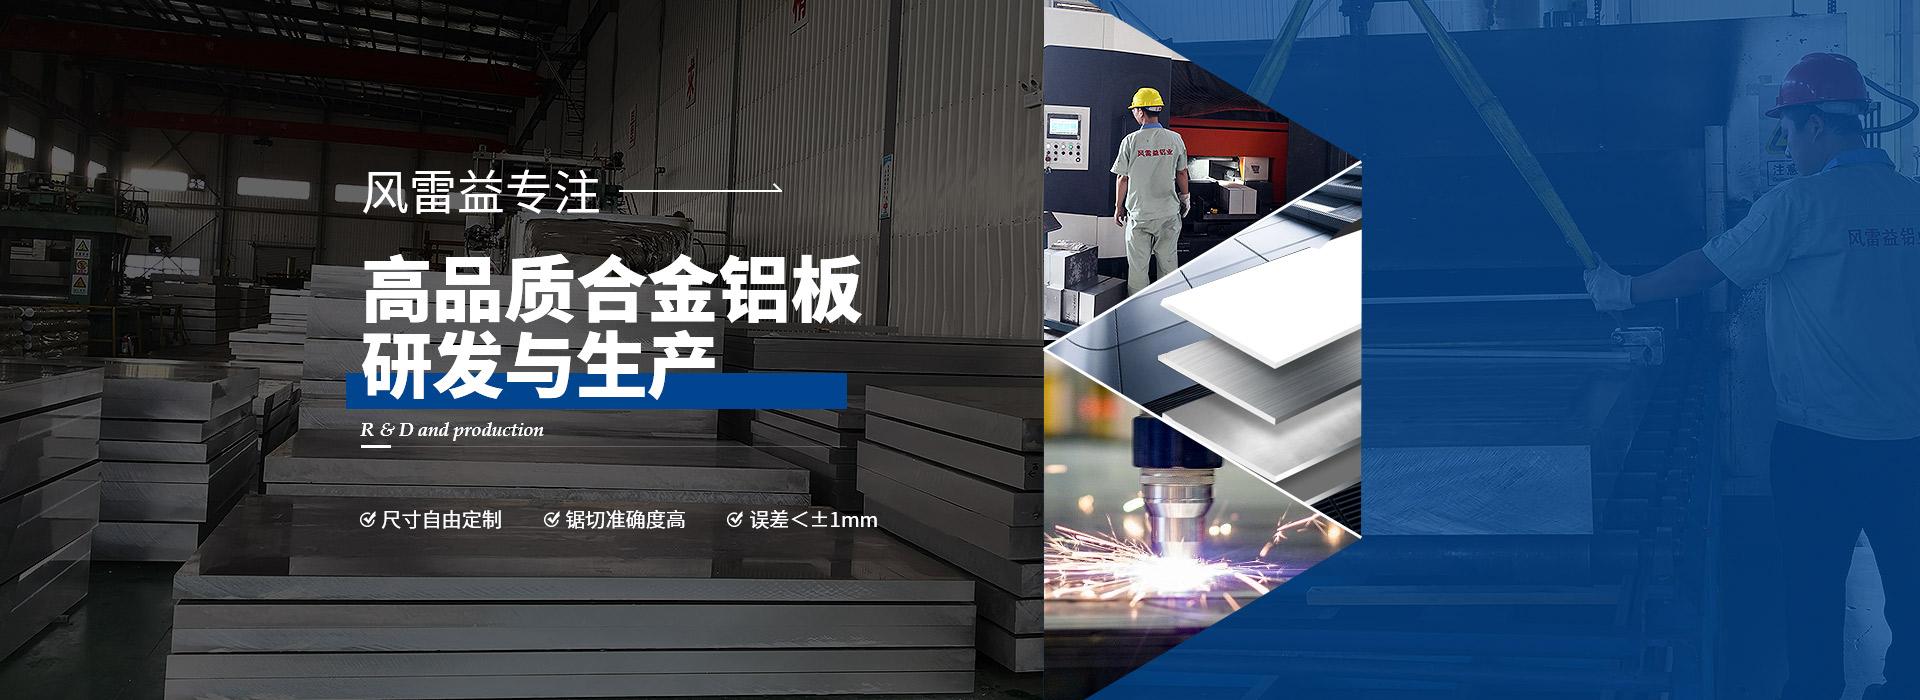 风雷益专注高品质合金铝板研发与生产